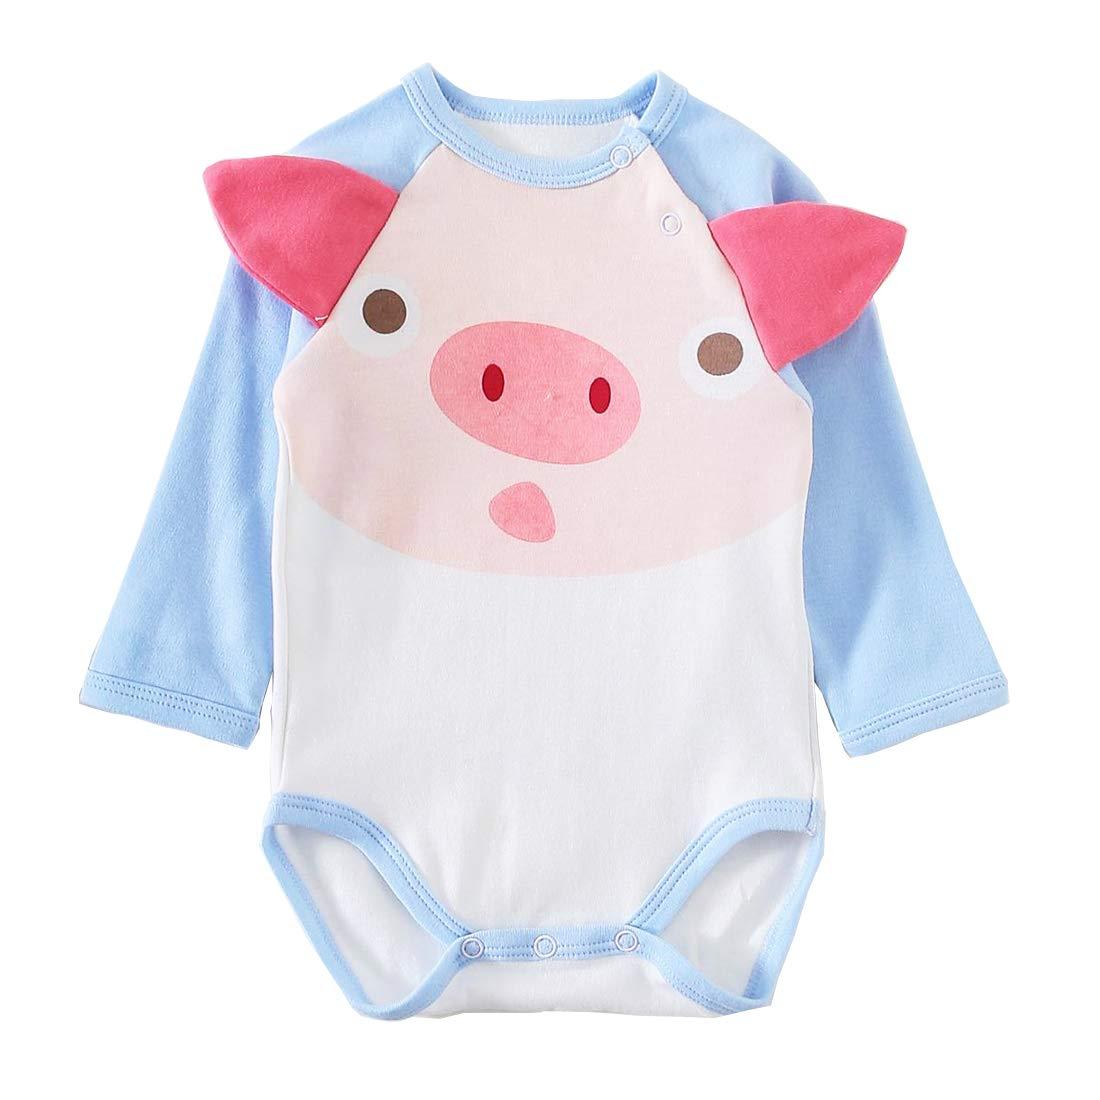 PAUBOLI Baby Animal Onesie Lovely Pig Romper Infant Long Sleeve Bodysuit 0-24 Months